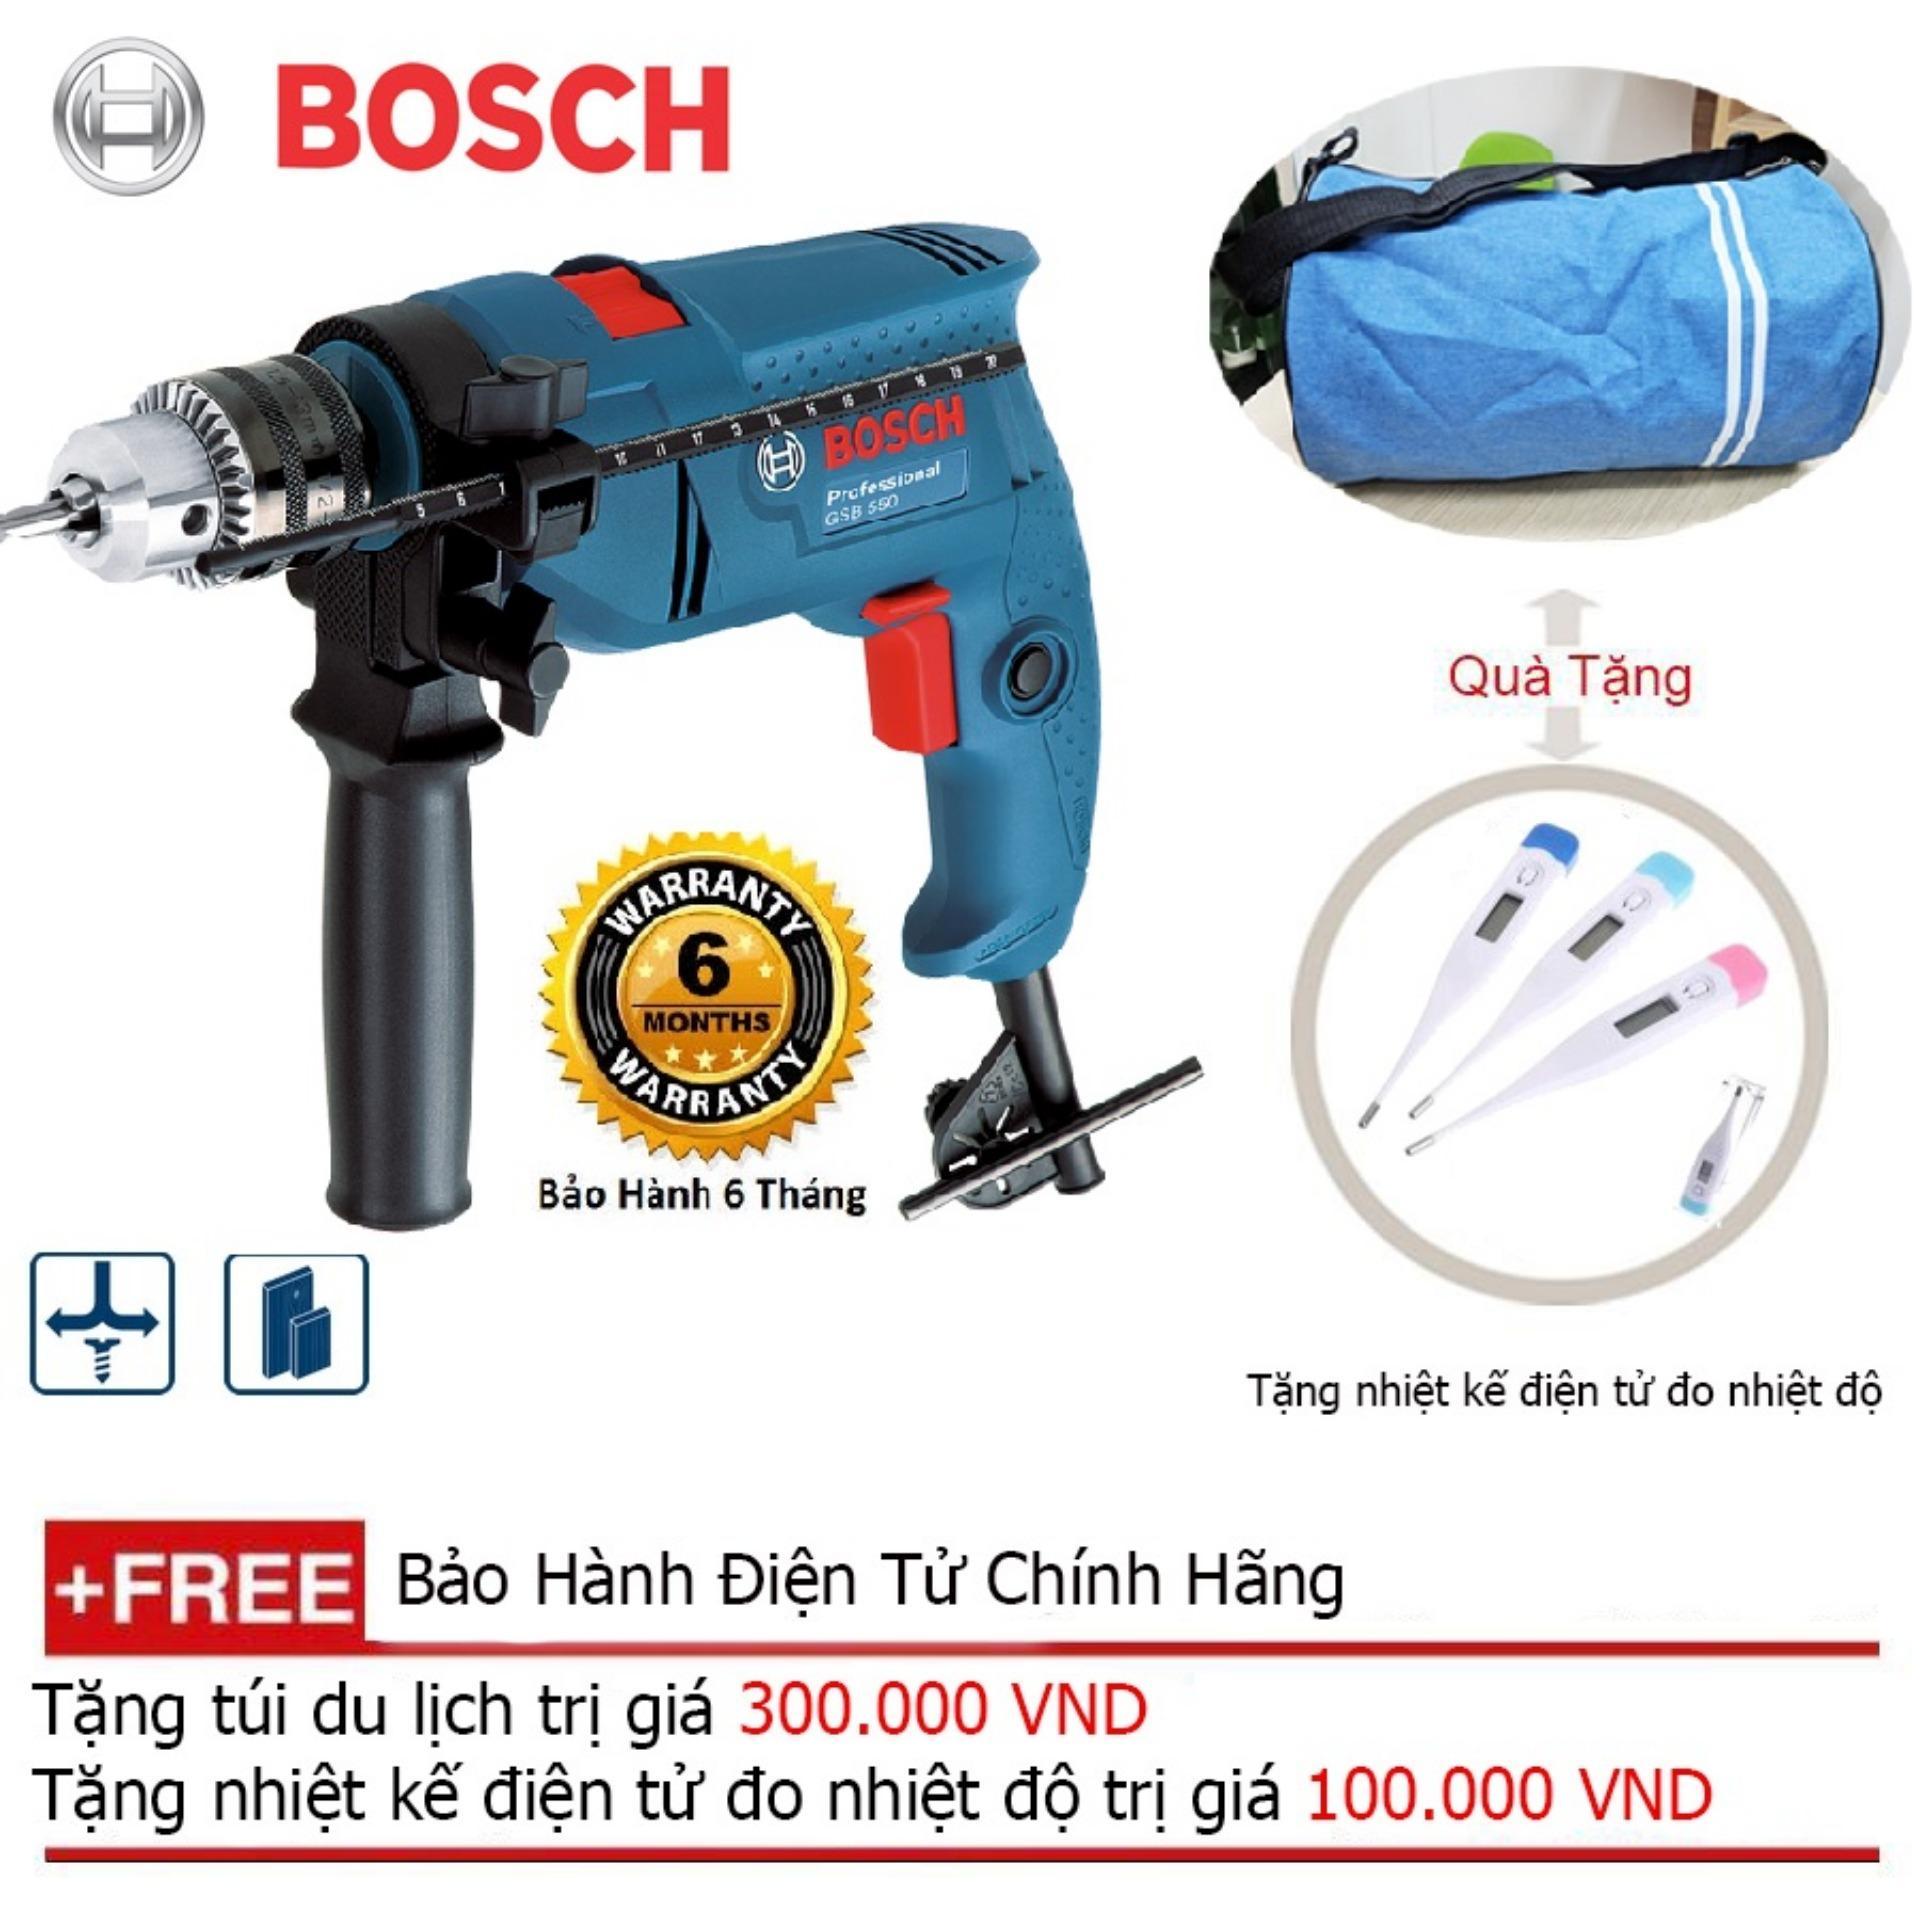 Bộ máy khoan động lực Bosch GSB 550 MP SET 19 chi tiết - Tặng áo thun Bosch